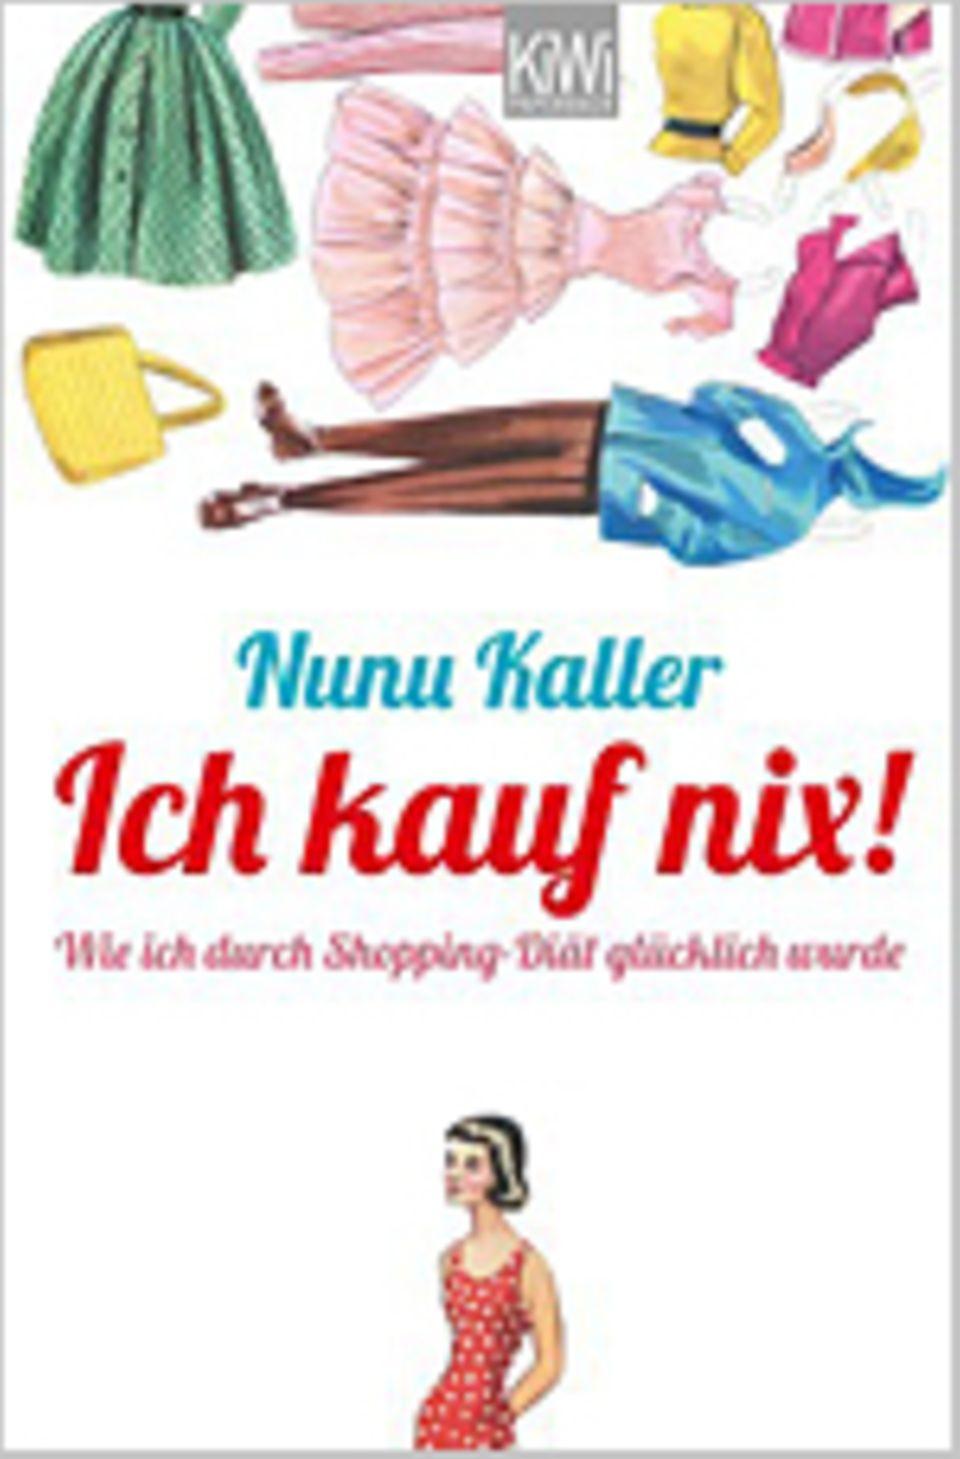 Shopping-Diät: Nunu Kaller Ich kauf nix! Kiepenheuer & Witsch, 2013 271 S., 8,99 Euro